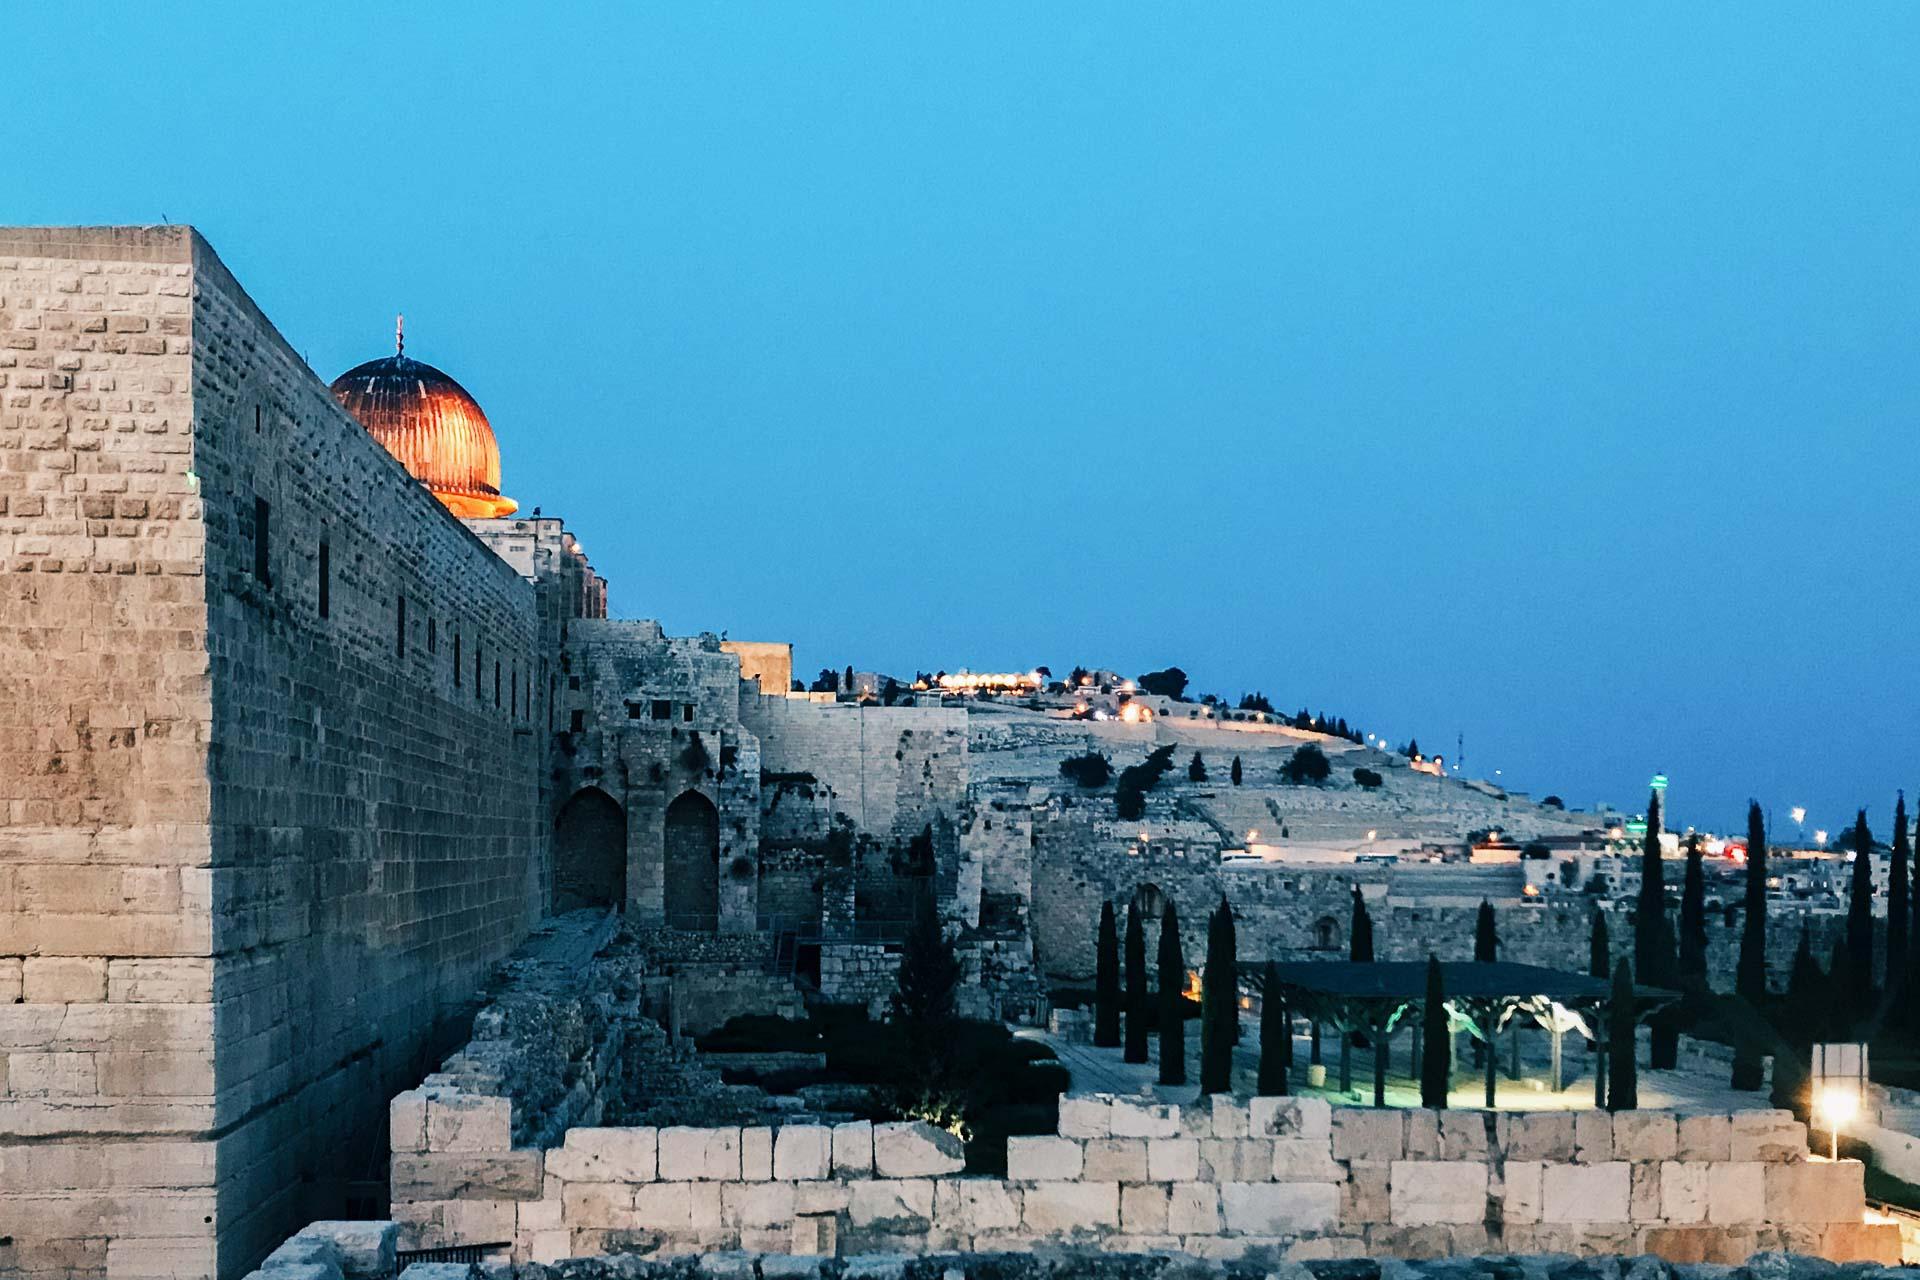 Plus qu'une ville, Jérusalem est LA Ville Sainte ! Berceau de religion et de civilisation, la plus grande ville d'Israël est une terre sacrée où l'Histoire et les religions s'entremêlent si étroitement qu'on en oublierait presque que Jérusalem reste… une ville, bouillonnante de talents et de diversité. Découvrez-la avec nous.